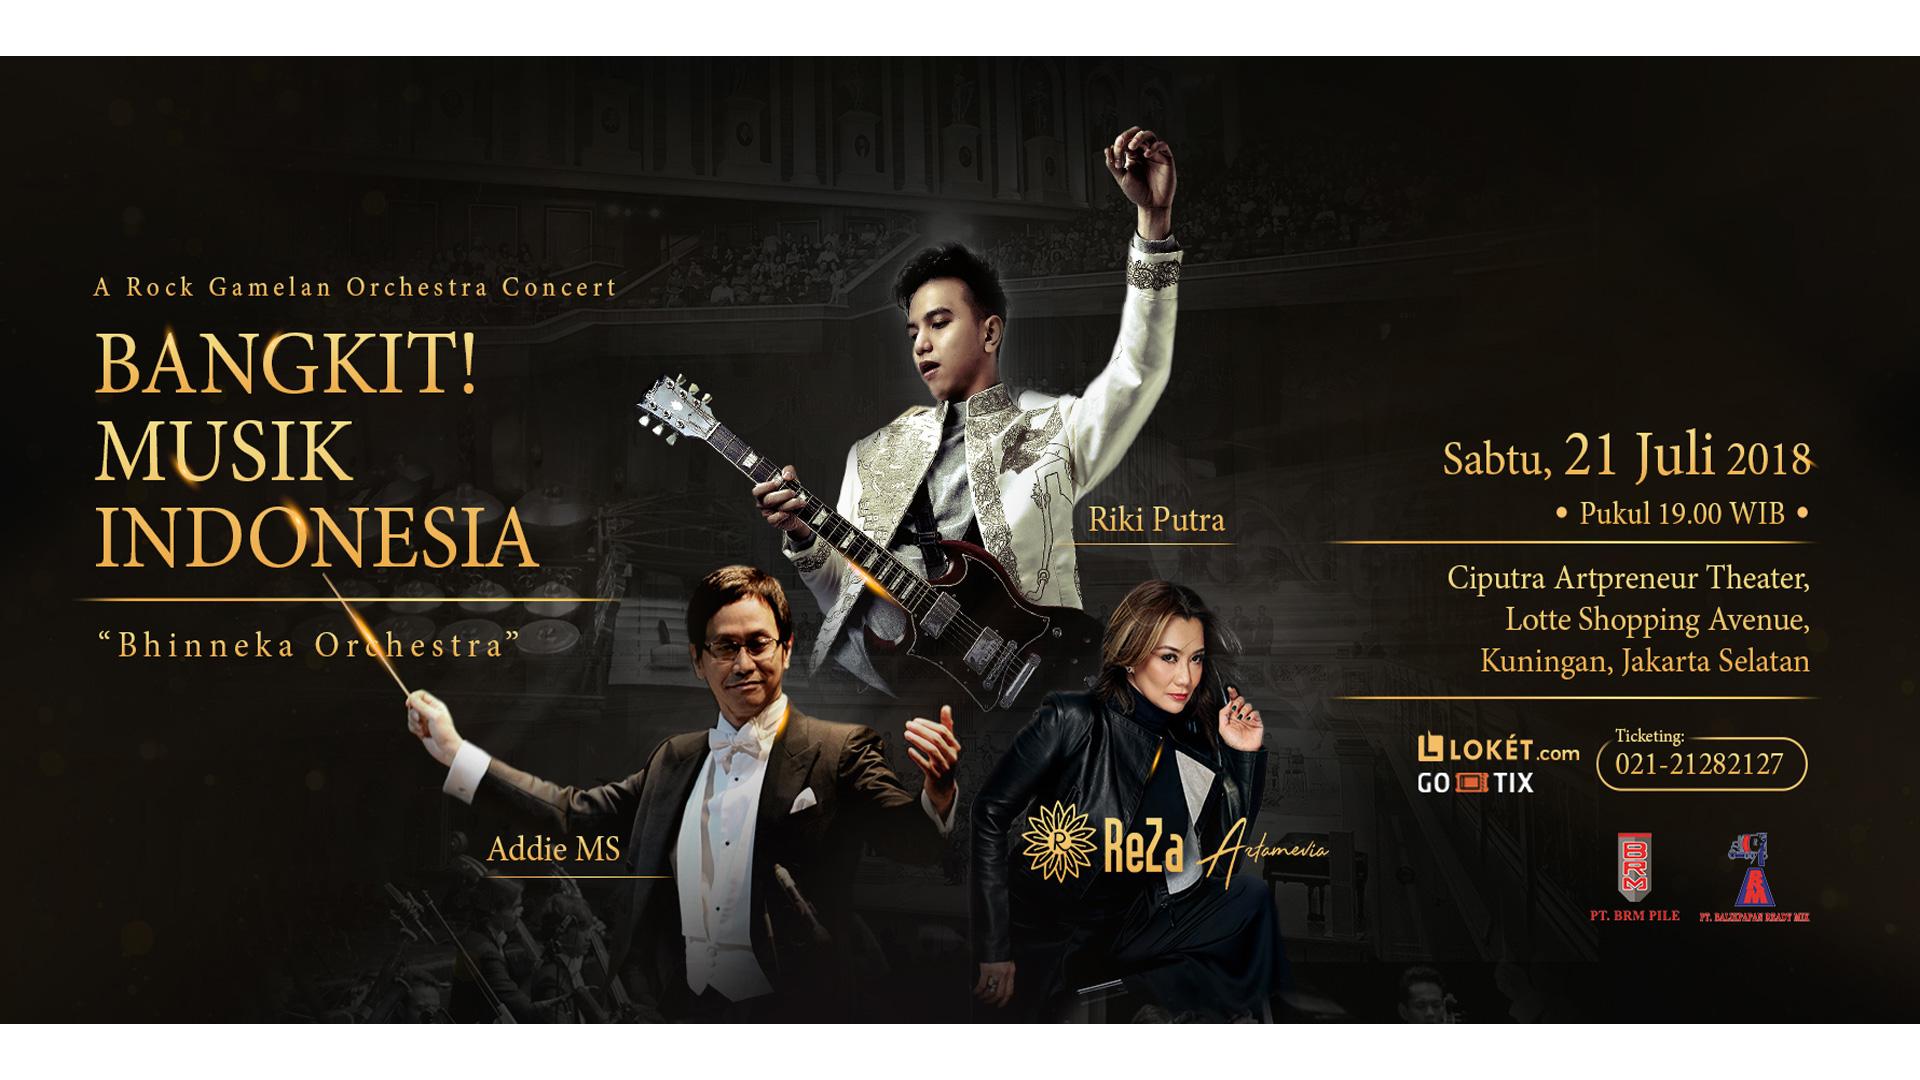 Bangkit! Musik Indonesia